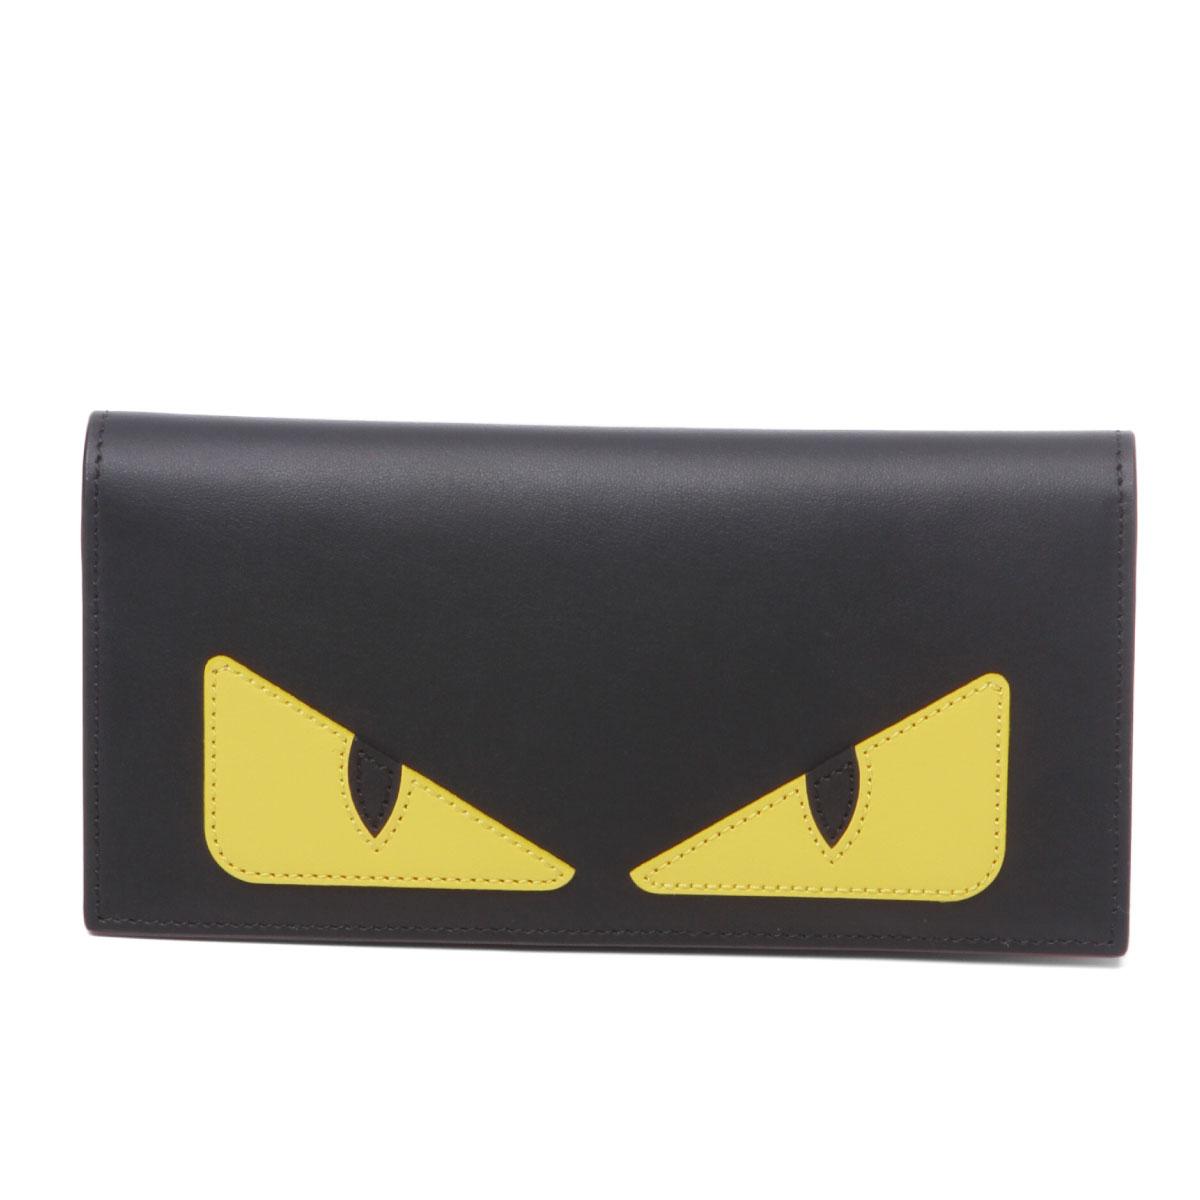 フェンディ FENDI 財布 メンズ 7M0244 O73 F0U9T 二つ折り長財布 BAG BUGS バッグ バグズ NERO+GIALLO+ROSSO ブラック